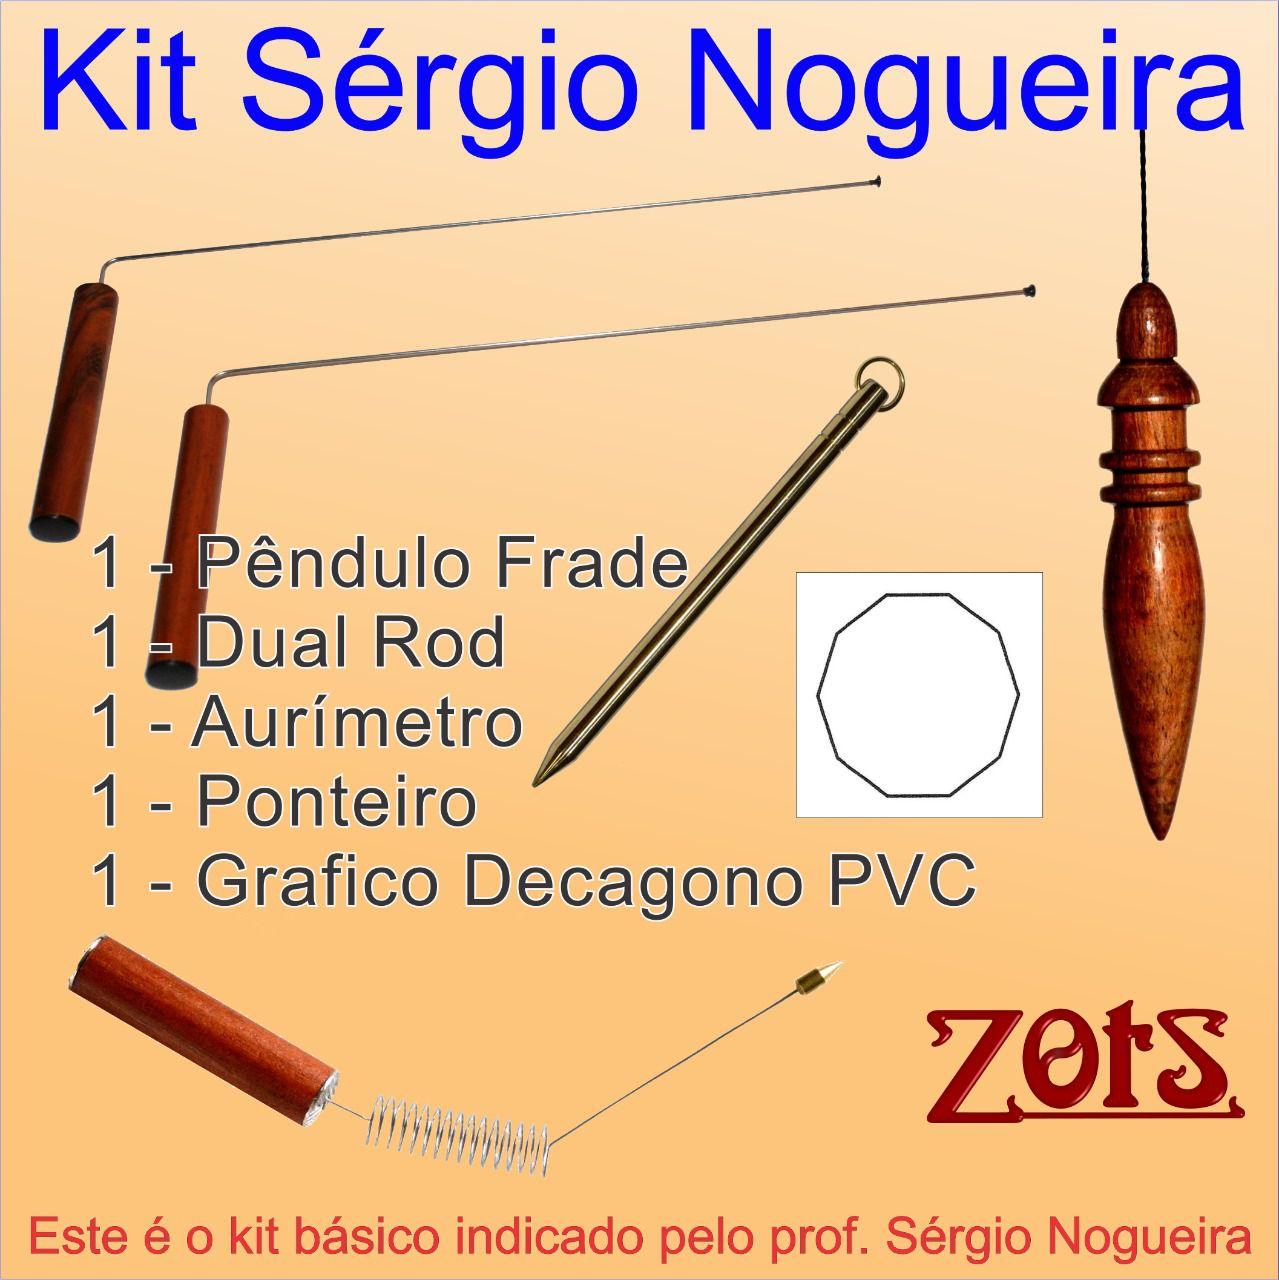 Kit Radiestesia Prof. Sérgio Nogueira  -  Zots